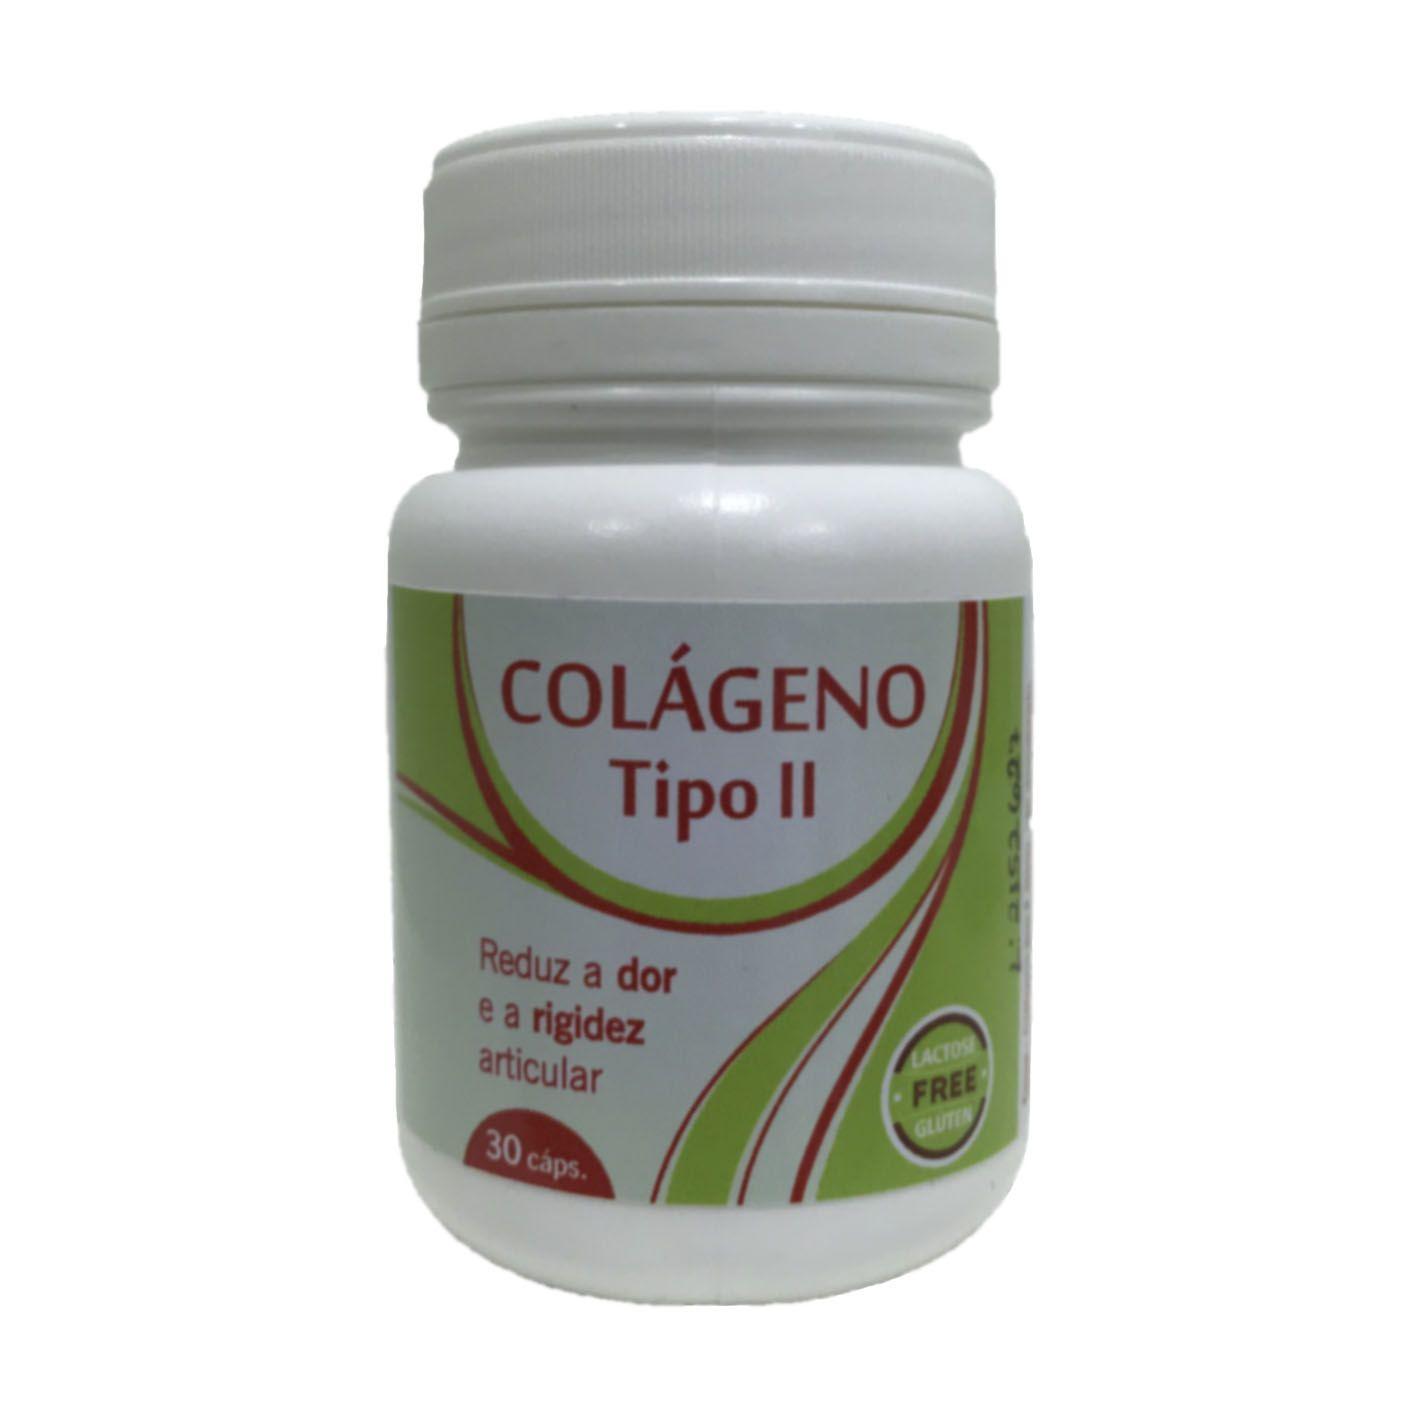 Colágeno Tipo II - 30 cápsulas   - Bulla Farmácia de Manipulação